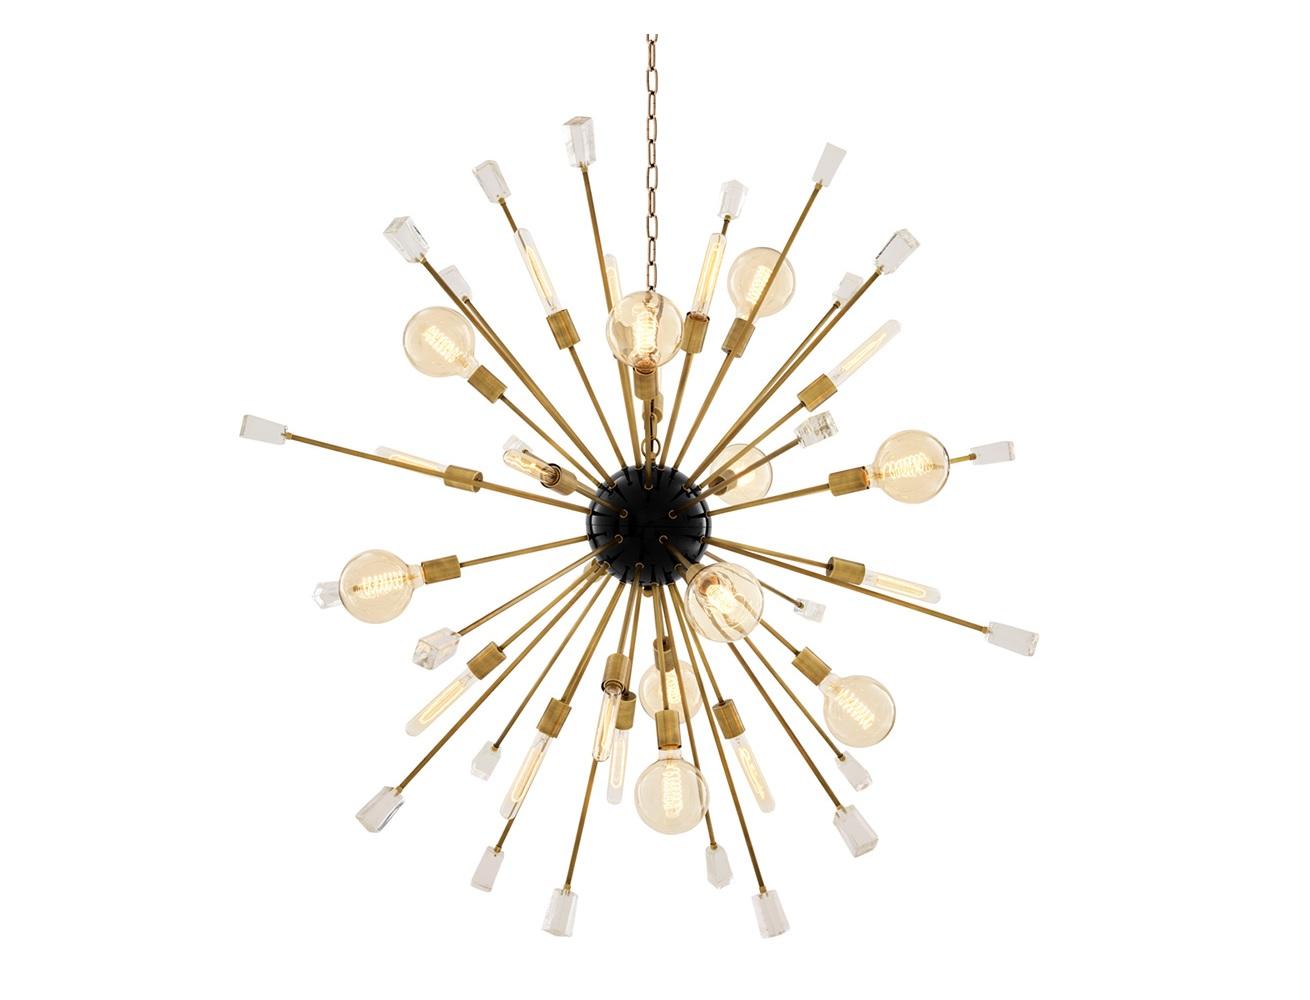 Подвесной светильник Chandelier Tivoli LПодвесные светильники<br>Подвесной светильник Chandelier Tivoli L на арматуре цвета латунь. Плафон с оригинальным дизайном в виде &amp;quot;одуванчика&amp;quot;. Прозрачные стеклянные кристаллы в виде декора. Высота светильника регулируется за счет звеньев цепи.&amp;lt;div&amp;gt;&amp;lt;br&amp;gt;&amp;lt;/div&amp;gt;&amp;lt;div&amp;gt;&amp;lt;div&amp;gt;&amp;lt;div&amp;gt;Вид цоколя: E27&amp;lt;/div&amp;gt;&amp;lt;div&amp;gt;Мощность лампы: 40W&amp;lt;/div&amp;gt;&amp;lt;div&amp;gt;Количество ламп: 24&amp;lt;/div&amp;gt;&amp;lt;/div&amp;gt;&amp;lt;div&amp;gt;&amp;lt;br&amp;gt;&amp;lt;/div&amp;gt;&amp;lt;div&amp;gt;Лампочки в комплект не входят.&amp;lt;/div&amp;gt;&amp;lt;/div&amp;gt;<br><br>Material: Металл<br>Width см: 148<br>Depth см: 148<br>Height см: 148